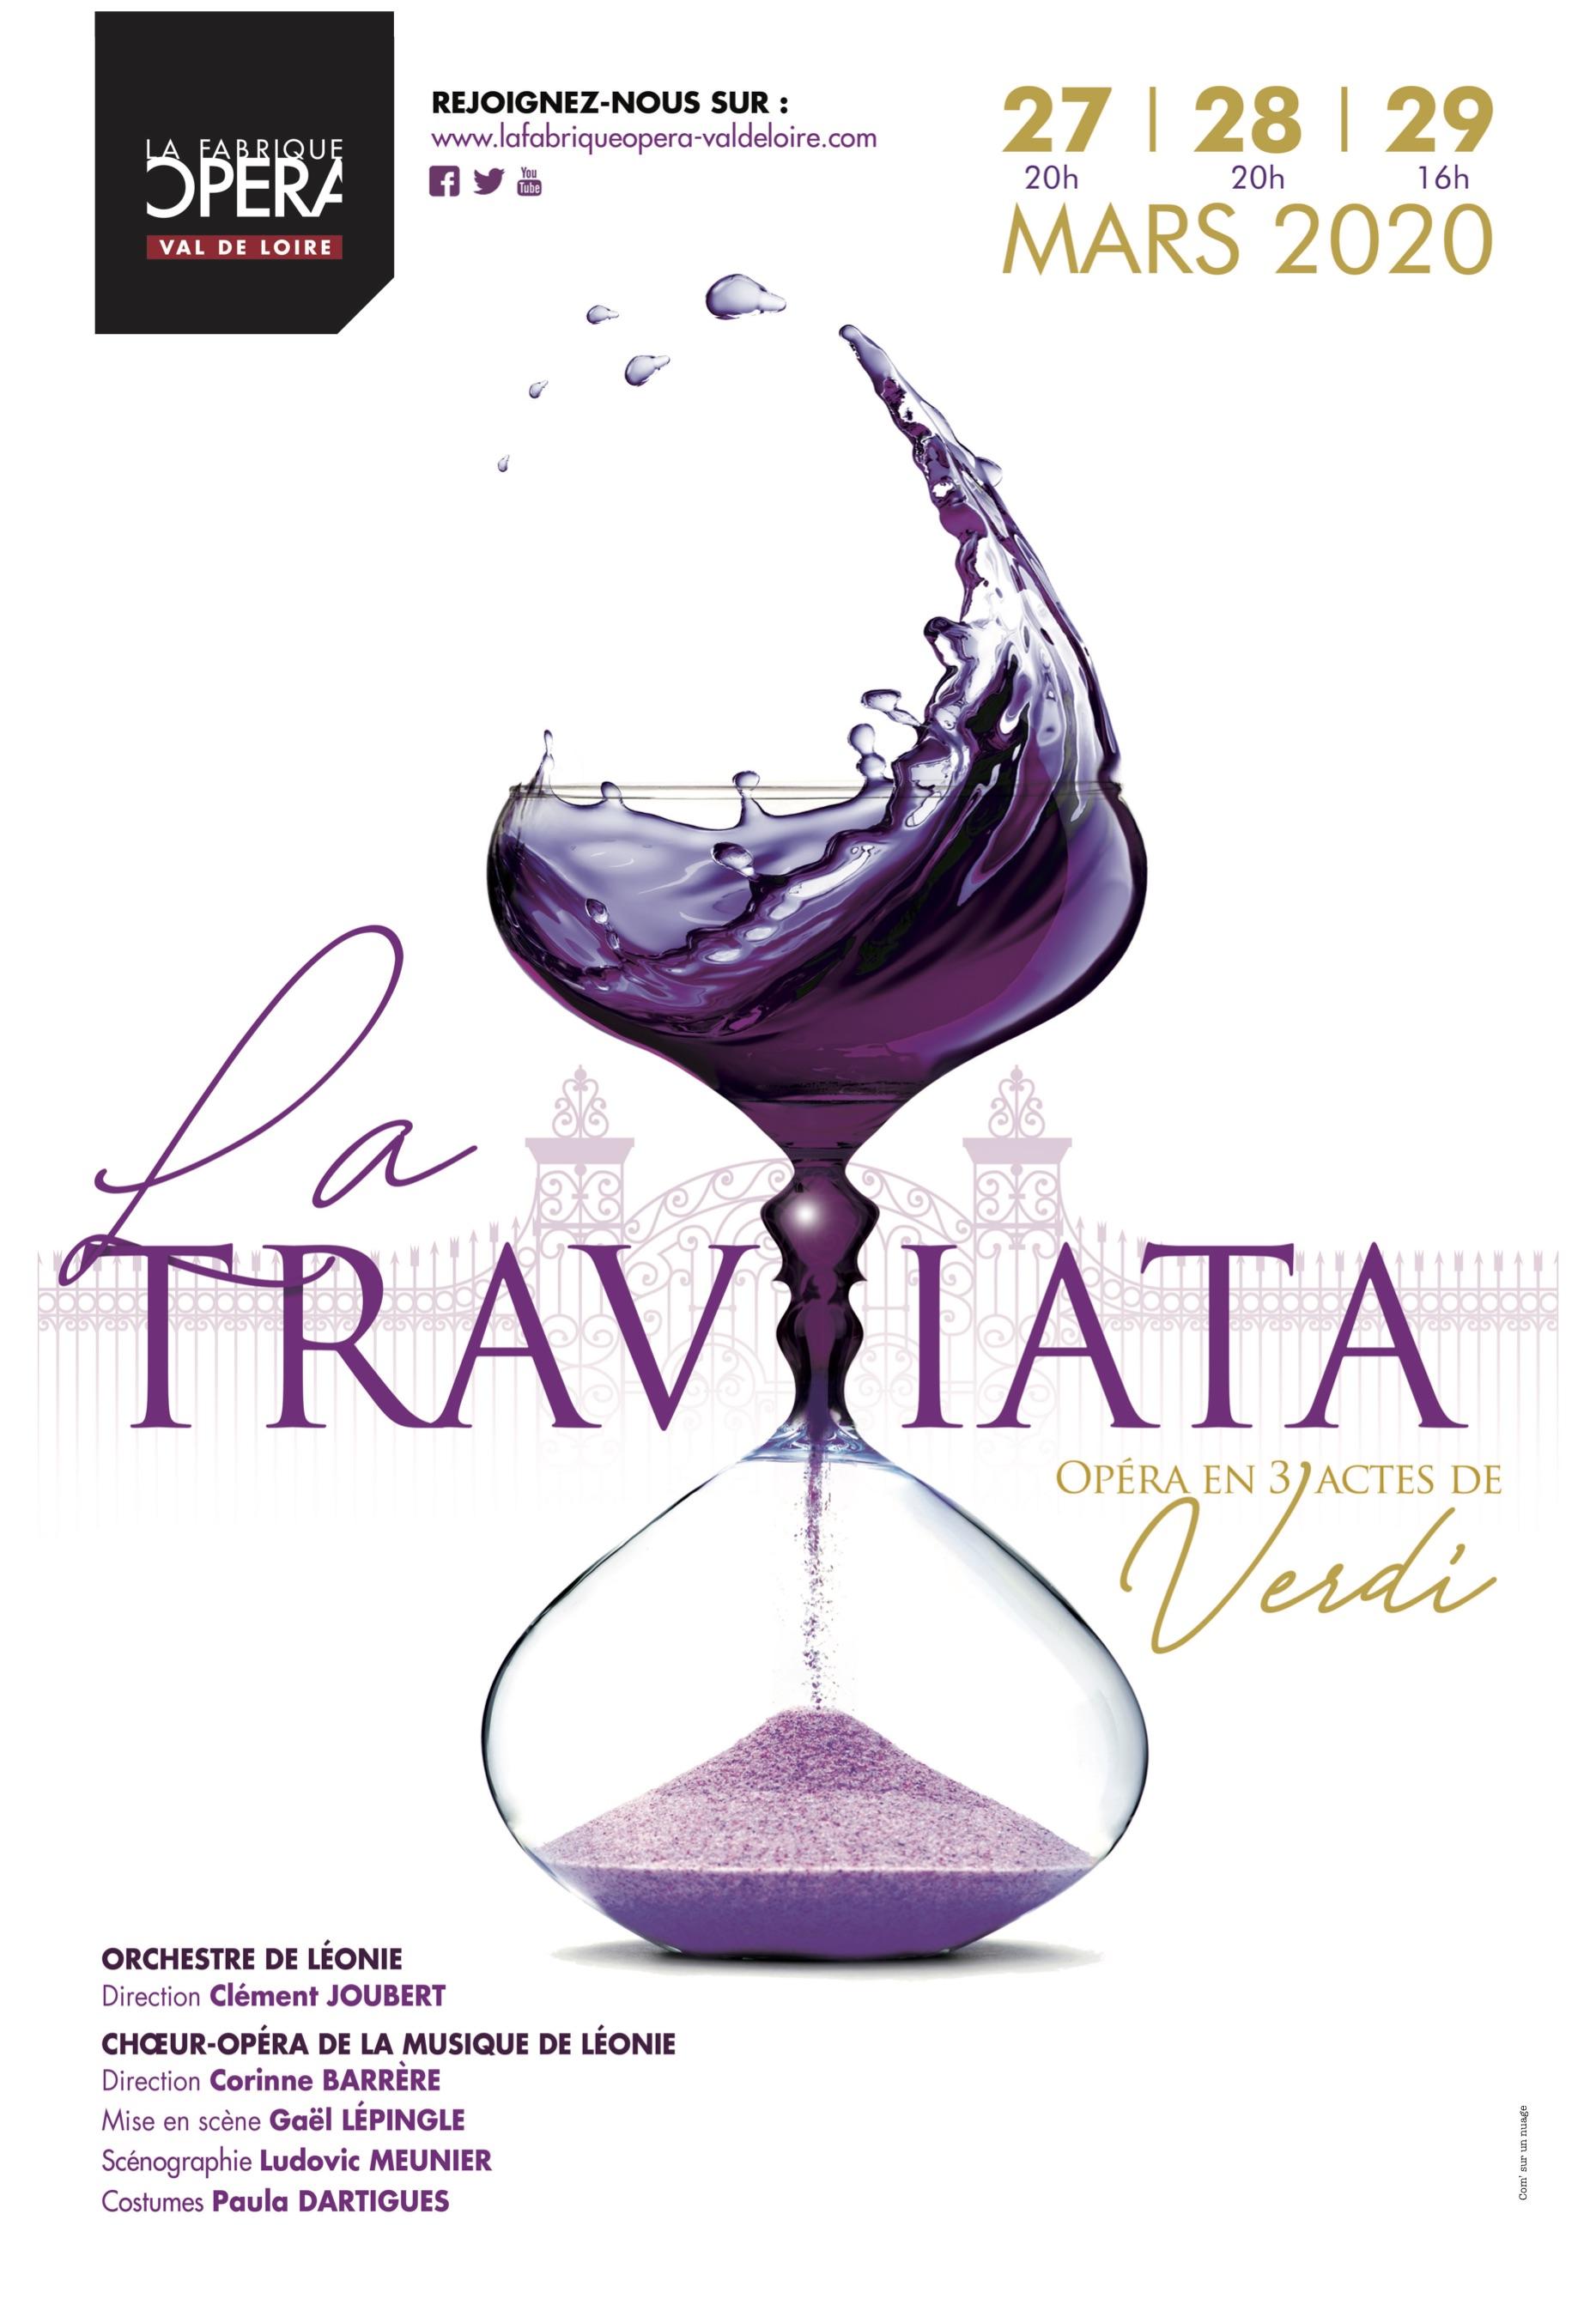 La Traviata, La Fabrique Opéra Val de Loire